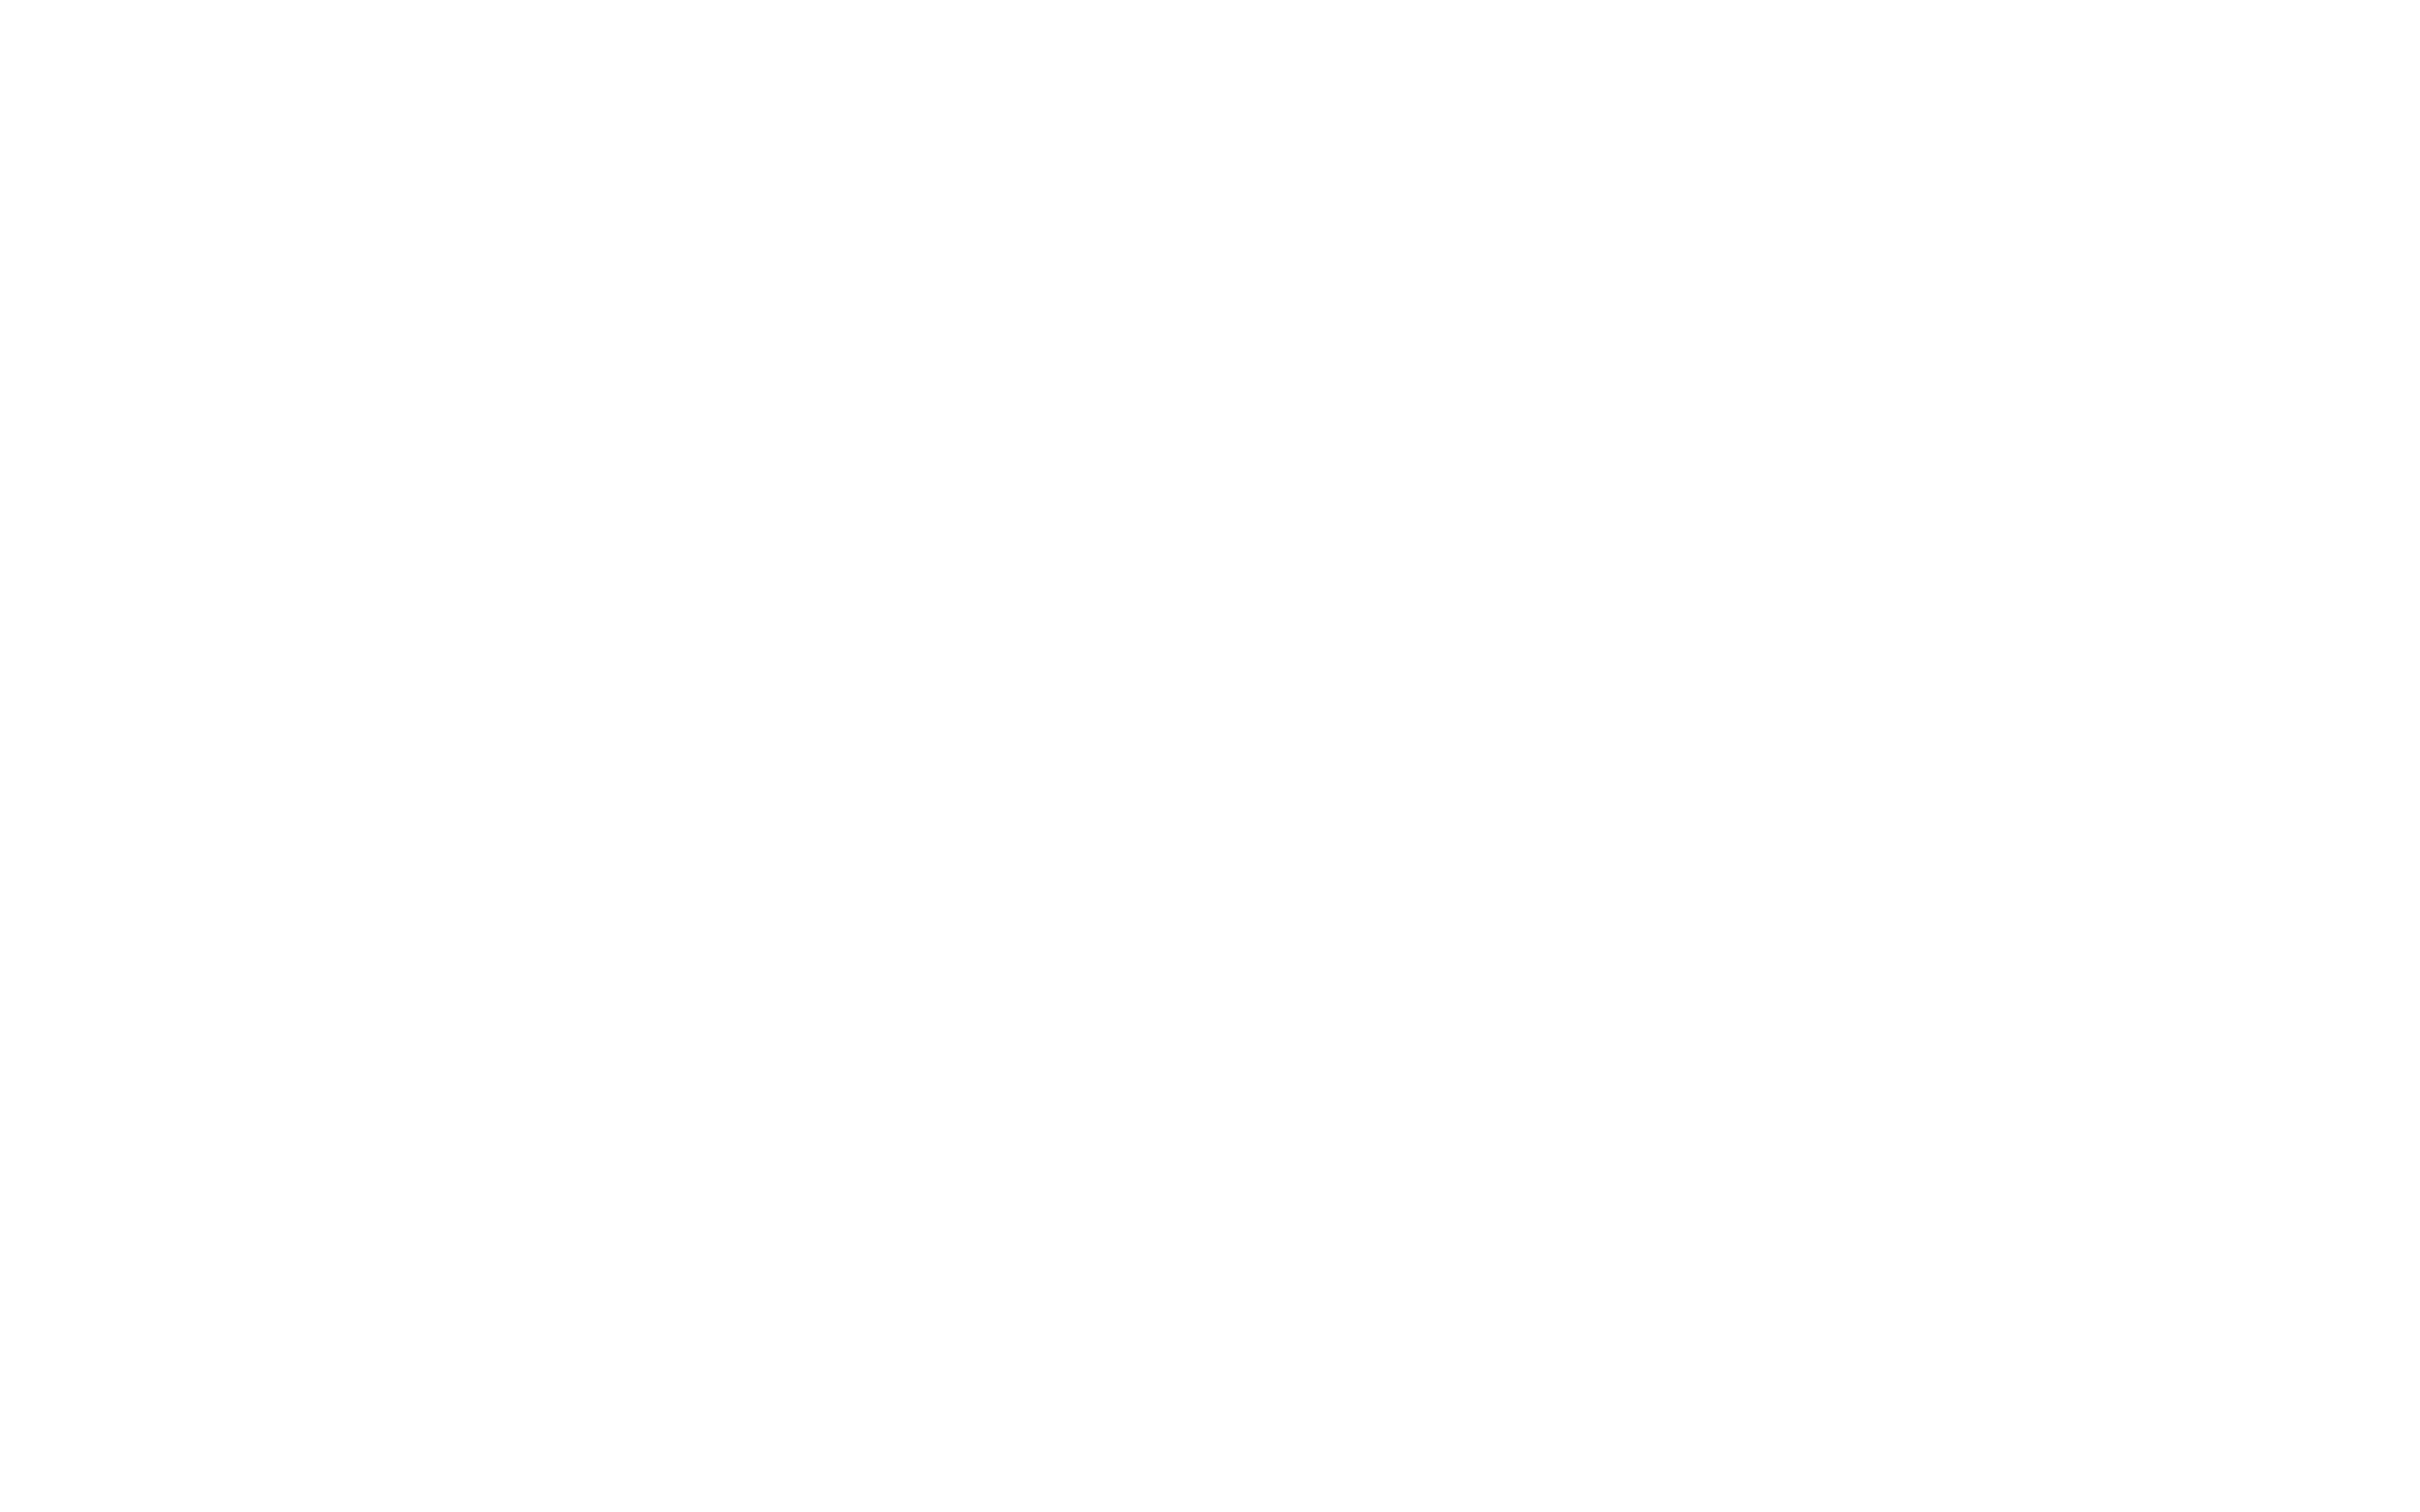 高品質刺繍&持ち込みOK&1枚からOK!革ジャン刺繍オーダー・バイクチーム刺繍なら愛知県春日井市のG2|名古屋・多治見・瀬戸・尾張旭・守山からも|スライド画像1